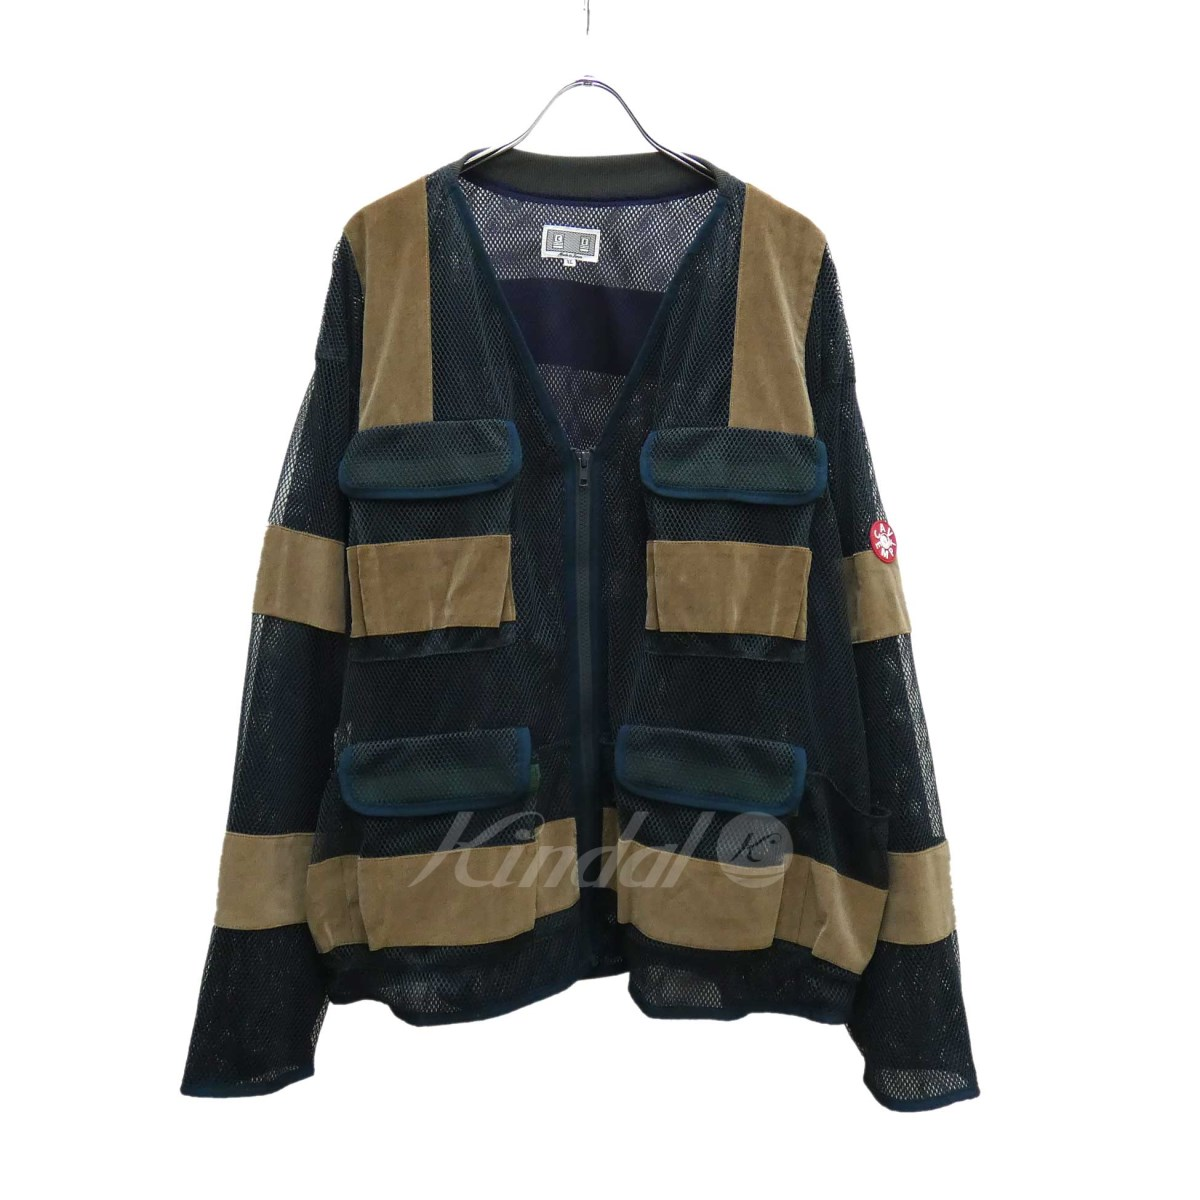 【中古】C.EMESH ZIP JACKET ジャケット 2019S/S グリーン×ベージュ サイズ:XL【2月17日見直し】